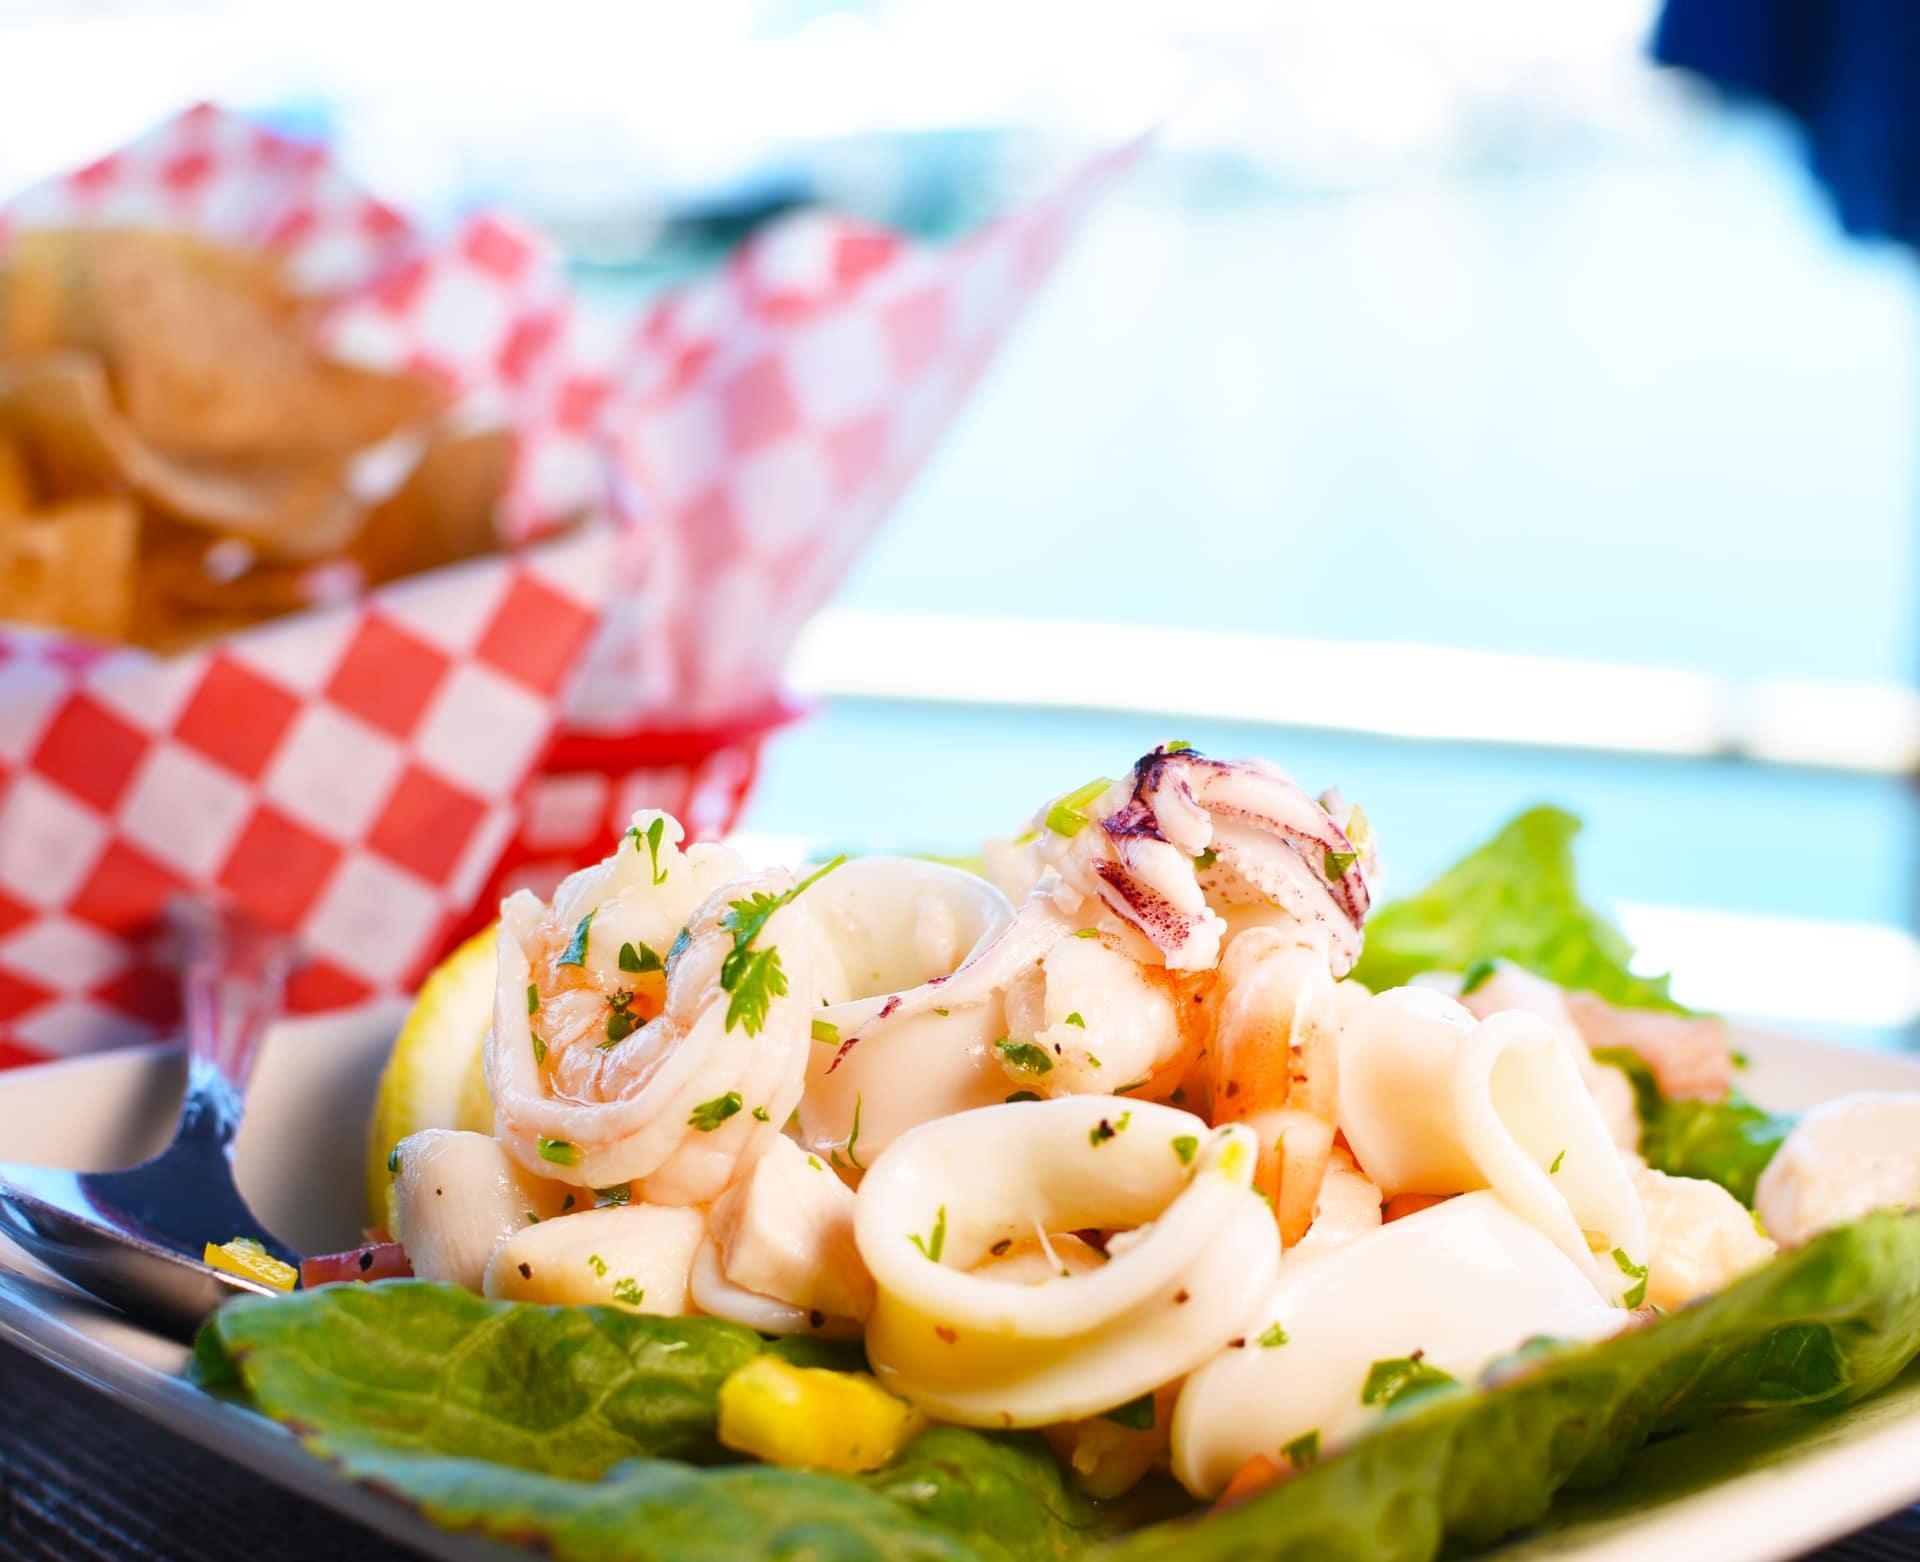 The Crab Pot Restaurant & Bar